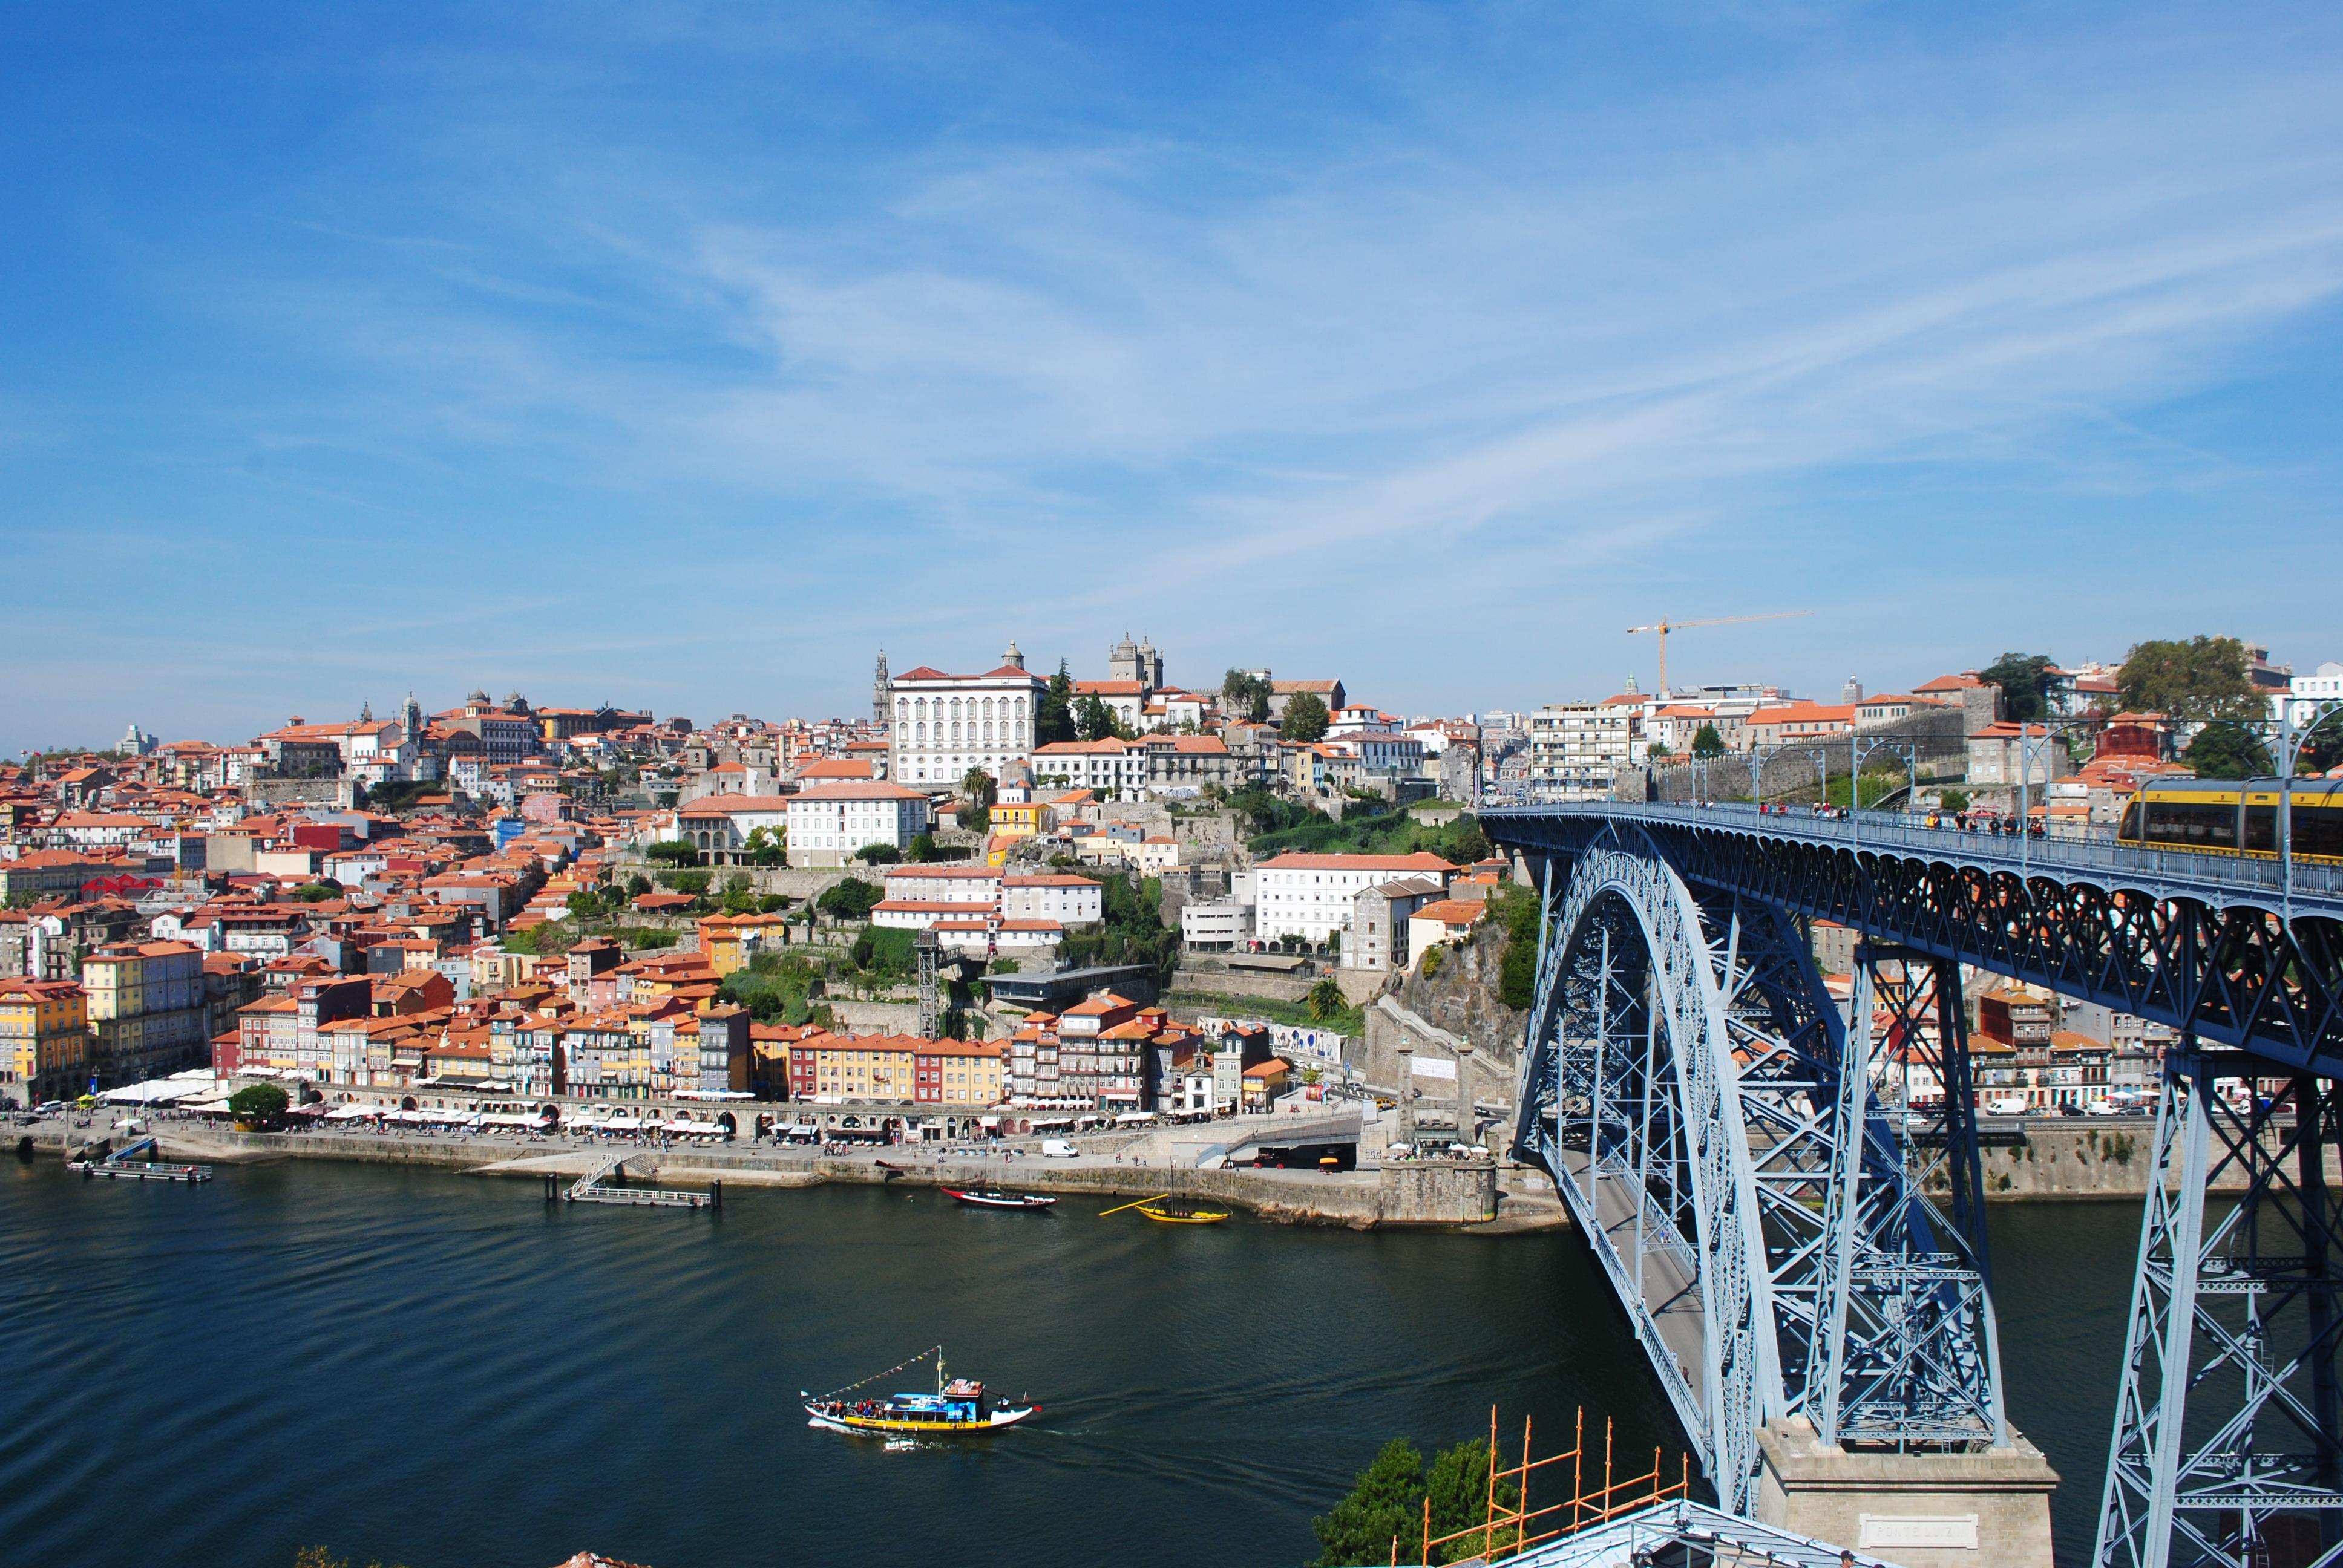 PORTUGALIA - LATO 2018: Moove Hotel Porto Norte**, 5 dni (27-31.05.2018 r.), śniadania: 1349,00 PLN/osoba